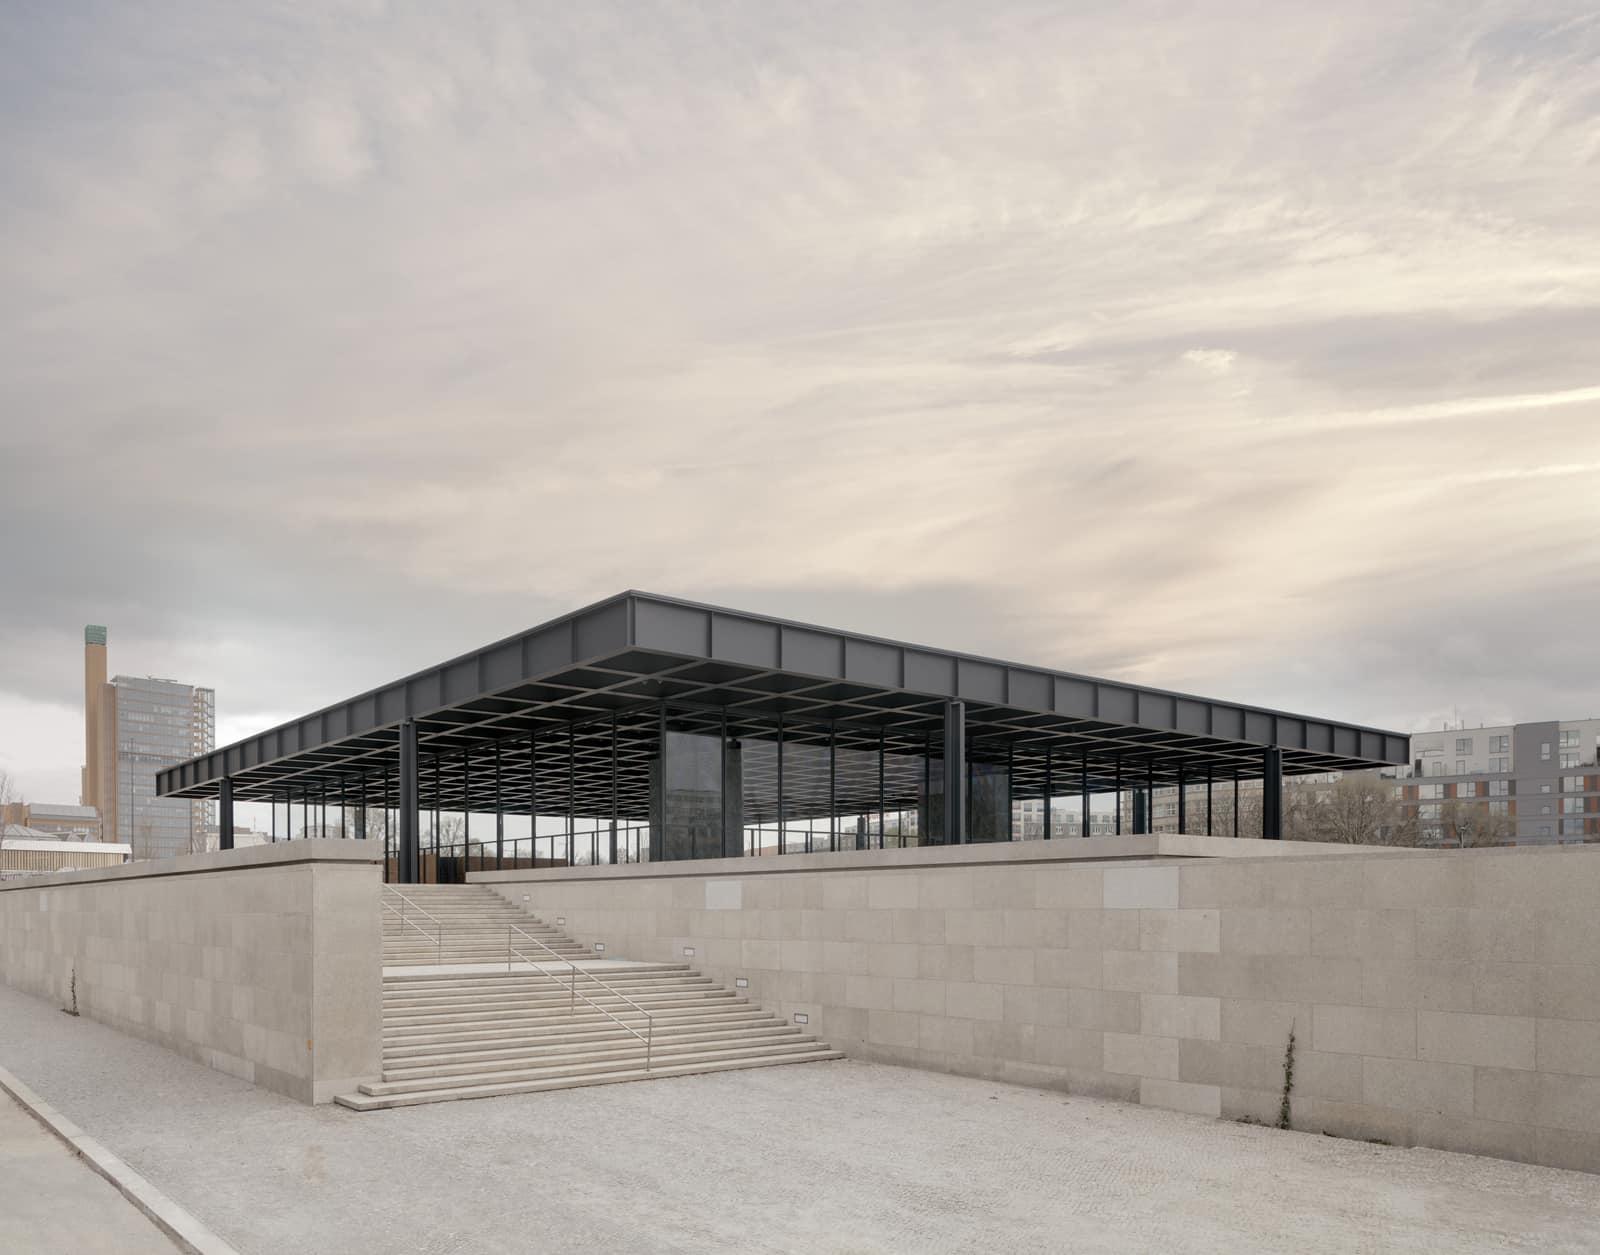 Neue Nationalgalerie Refurbishment  - 20210625 Chipperfield NeueNationalgalerieRefurbishment 02 33